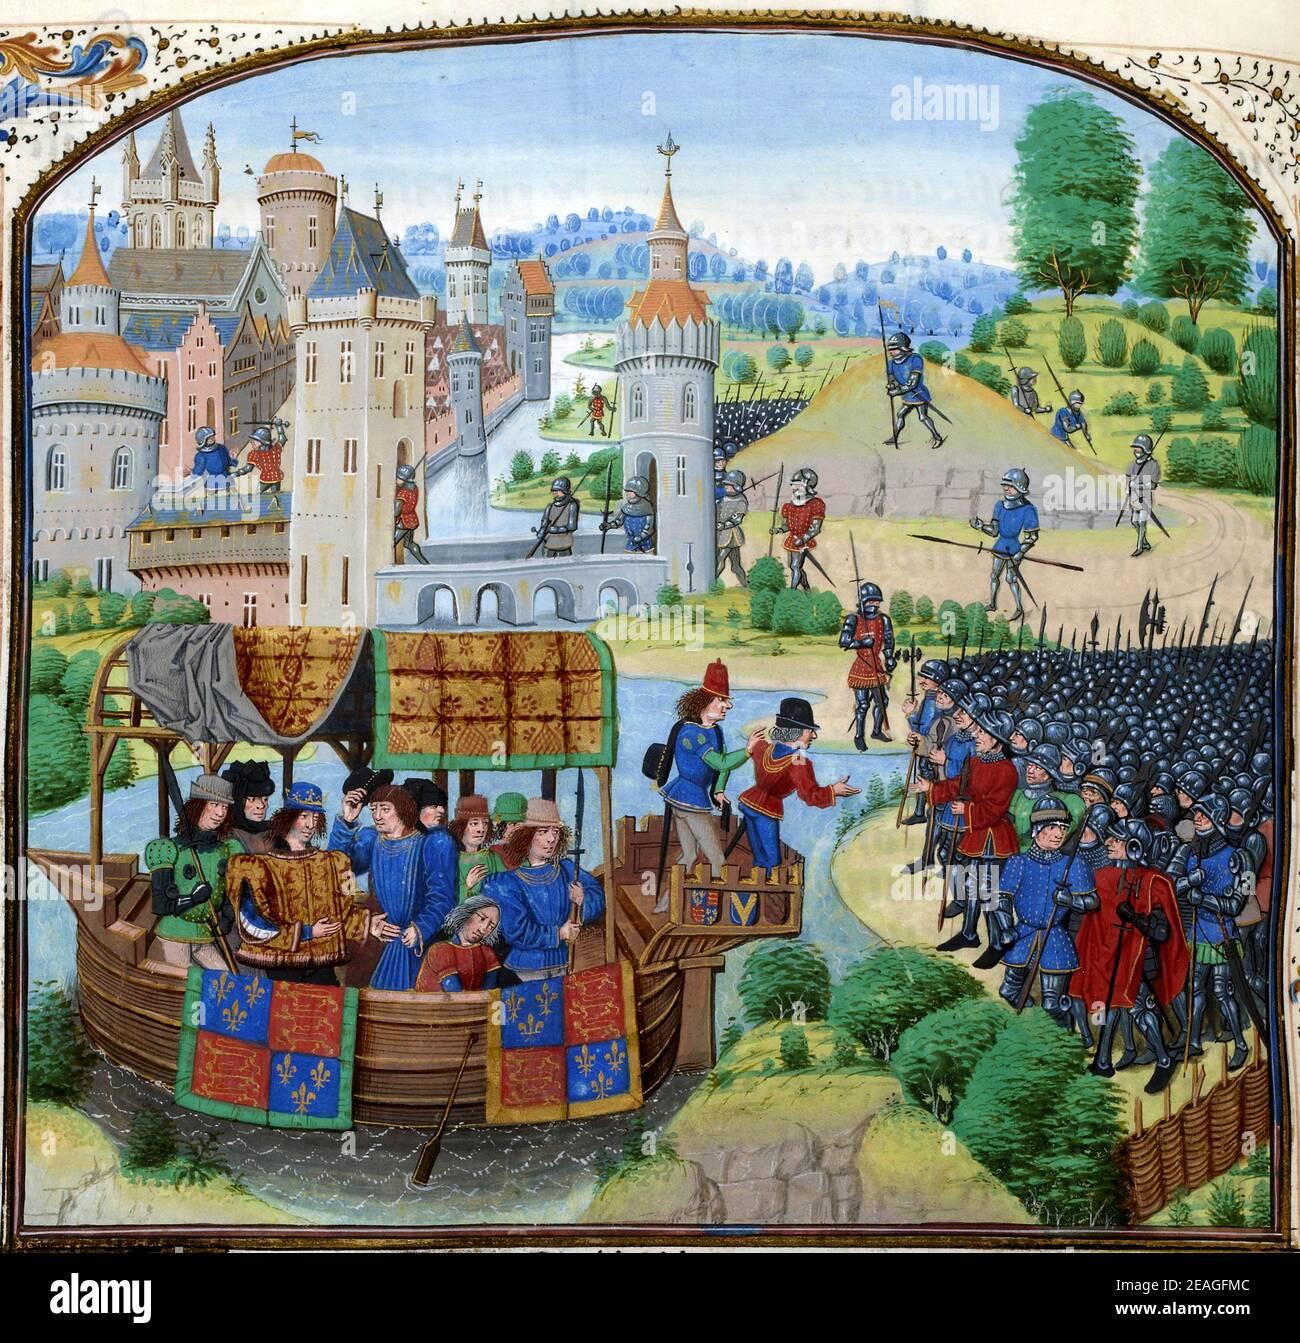 La révolte des paysans, également appelée rébellion de Wat Tyler ou Grande Rising, fut un soulèvement majeur dans de grandes parties de l'Angleterre en 1381. Banque D'Images